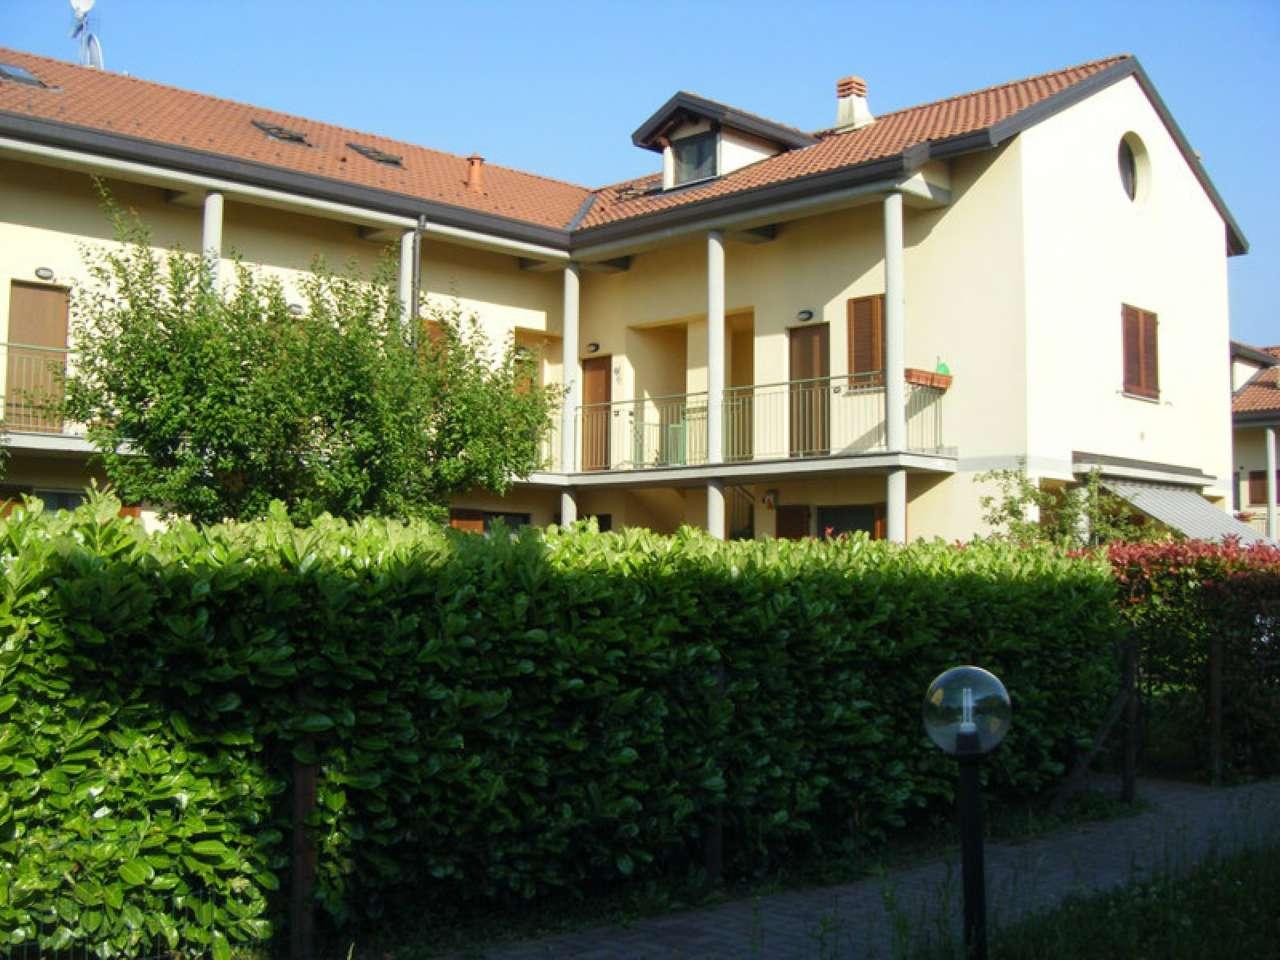 Appartamento in affitto a Osmate, 3 locali, prezzo € 600 | Cambio Casa.it